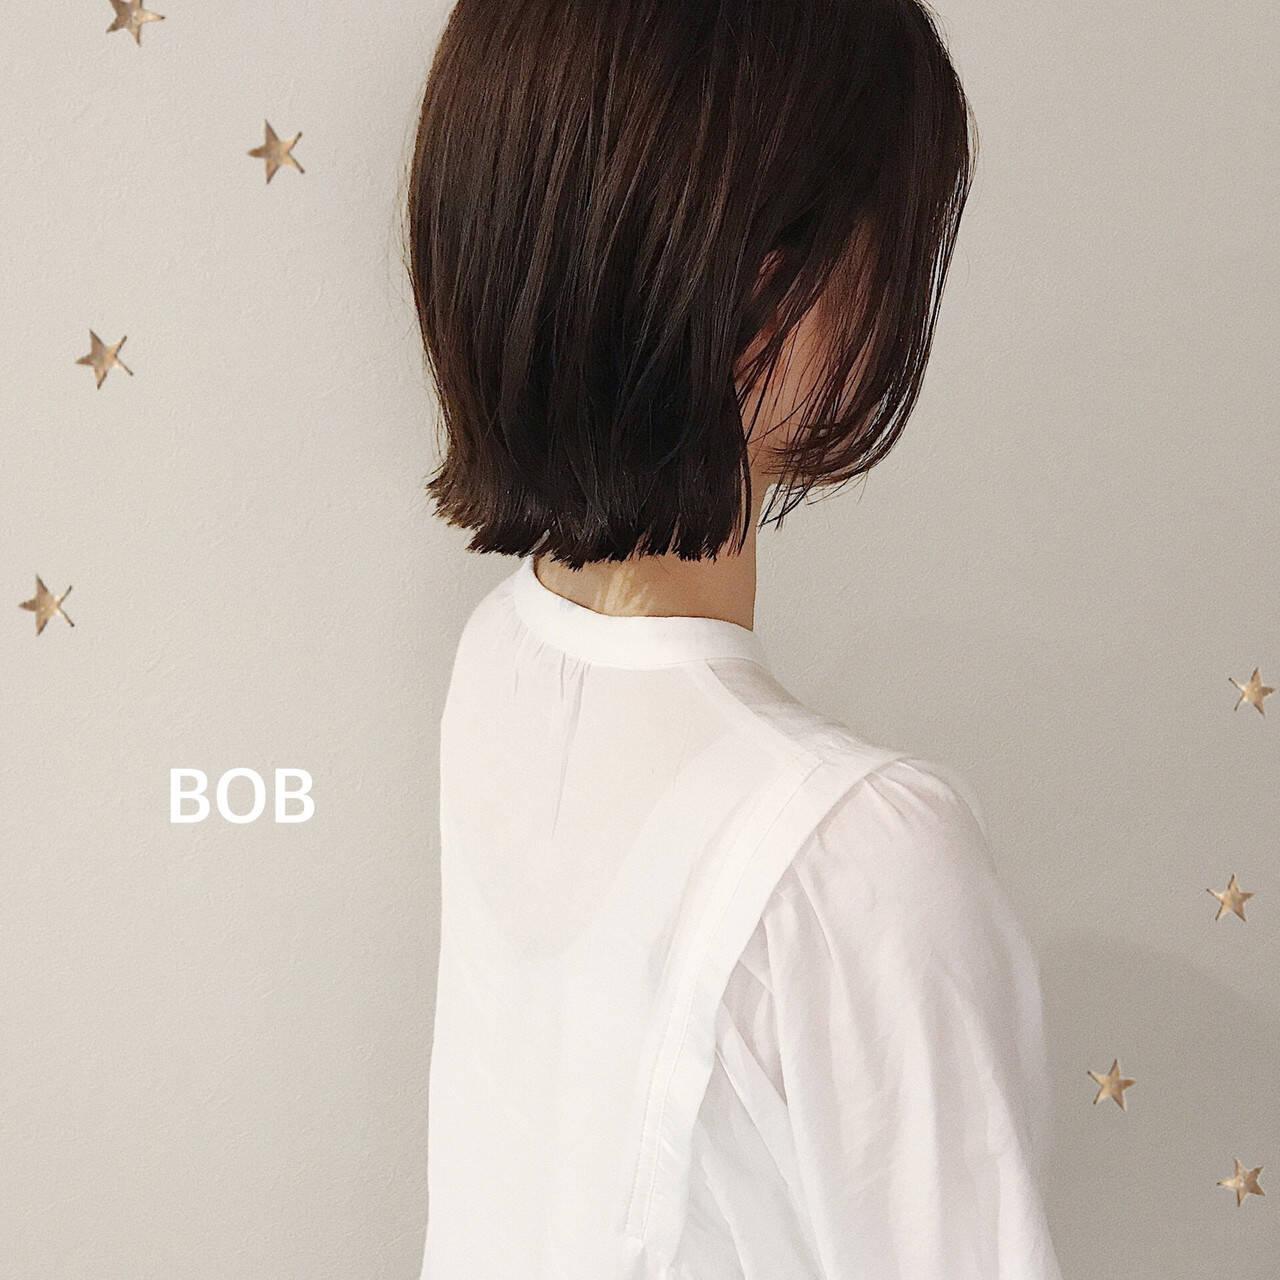 ナチュラル ショートボブ ボブ ミニボブヘアスタイルや髪型の写真・画像